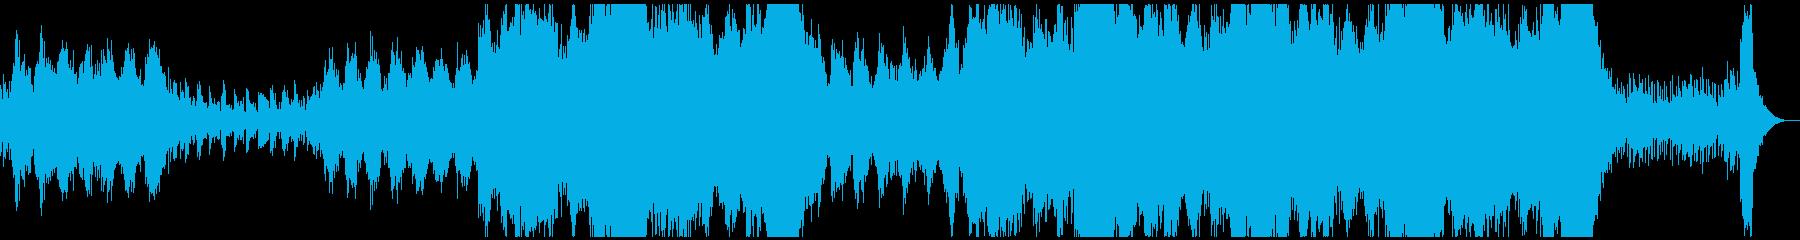 とにかくひたすら美しいアンビエントの再生済みの波形